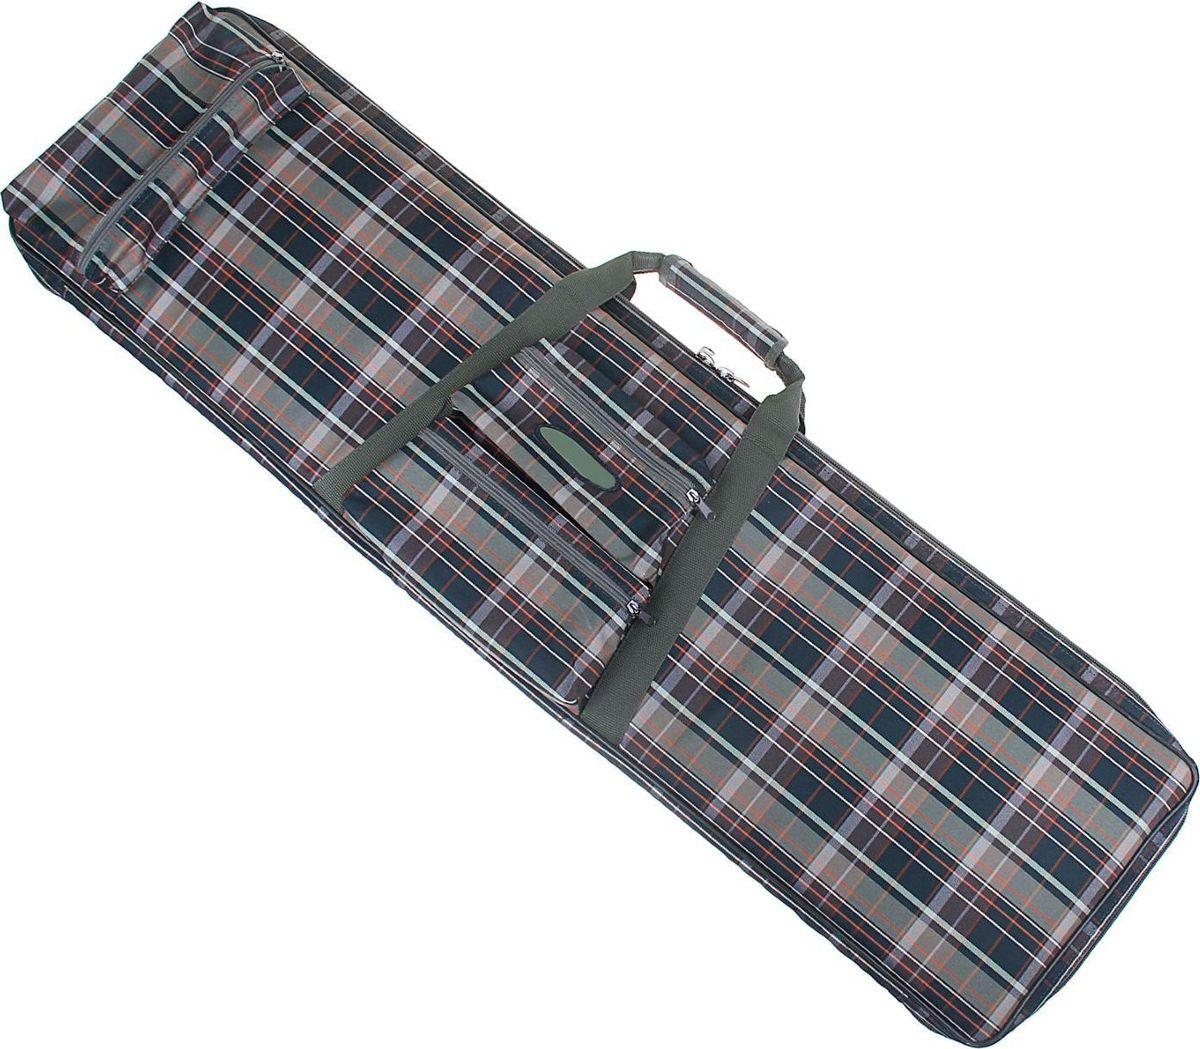 Чехол для оружия, 115 х 30 см. 1257176 - Охота